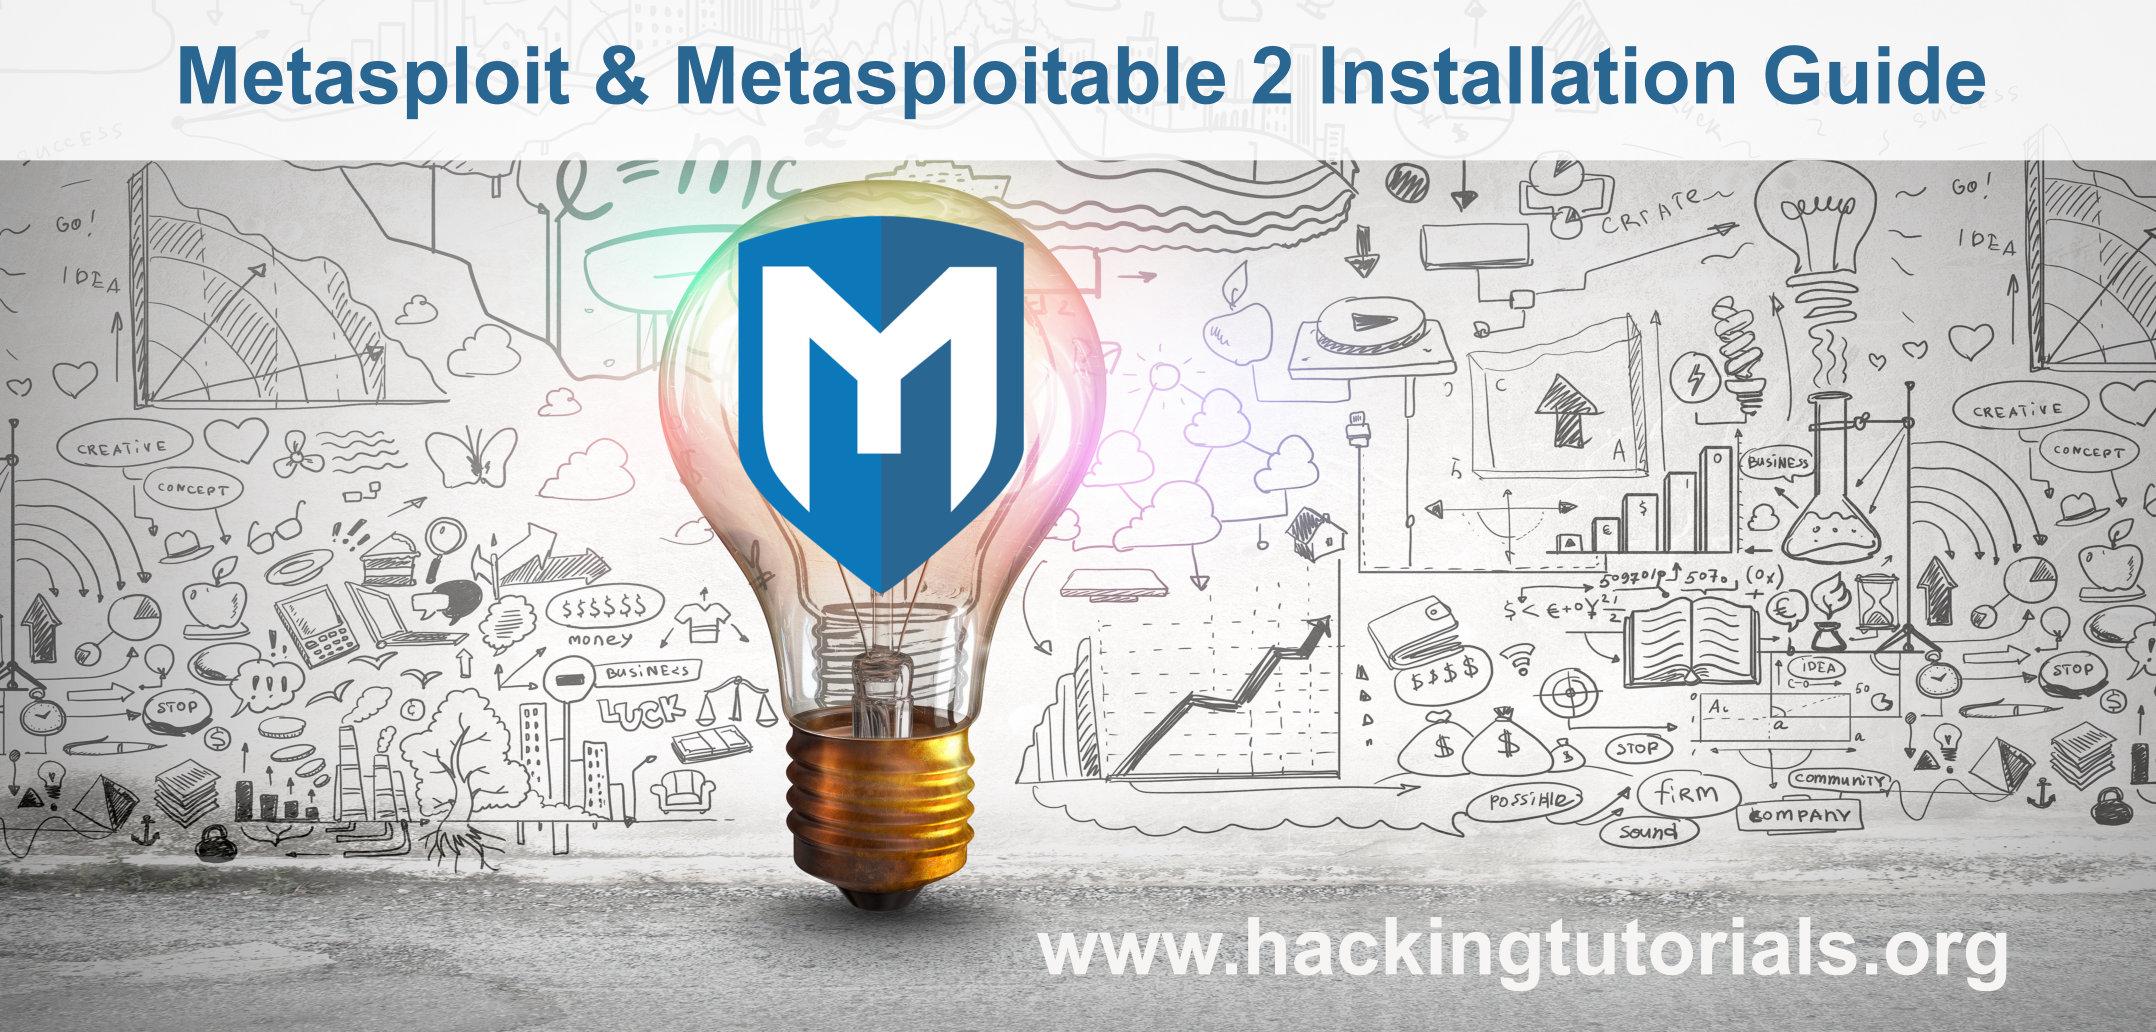 Metasploit and Metasploitable 2 installation - Hacking Tutorials